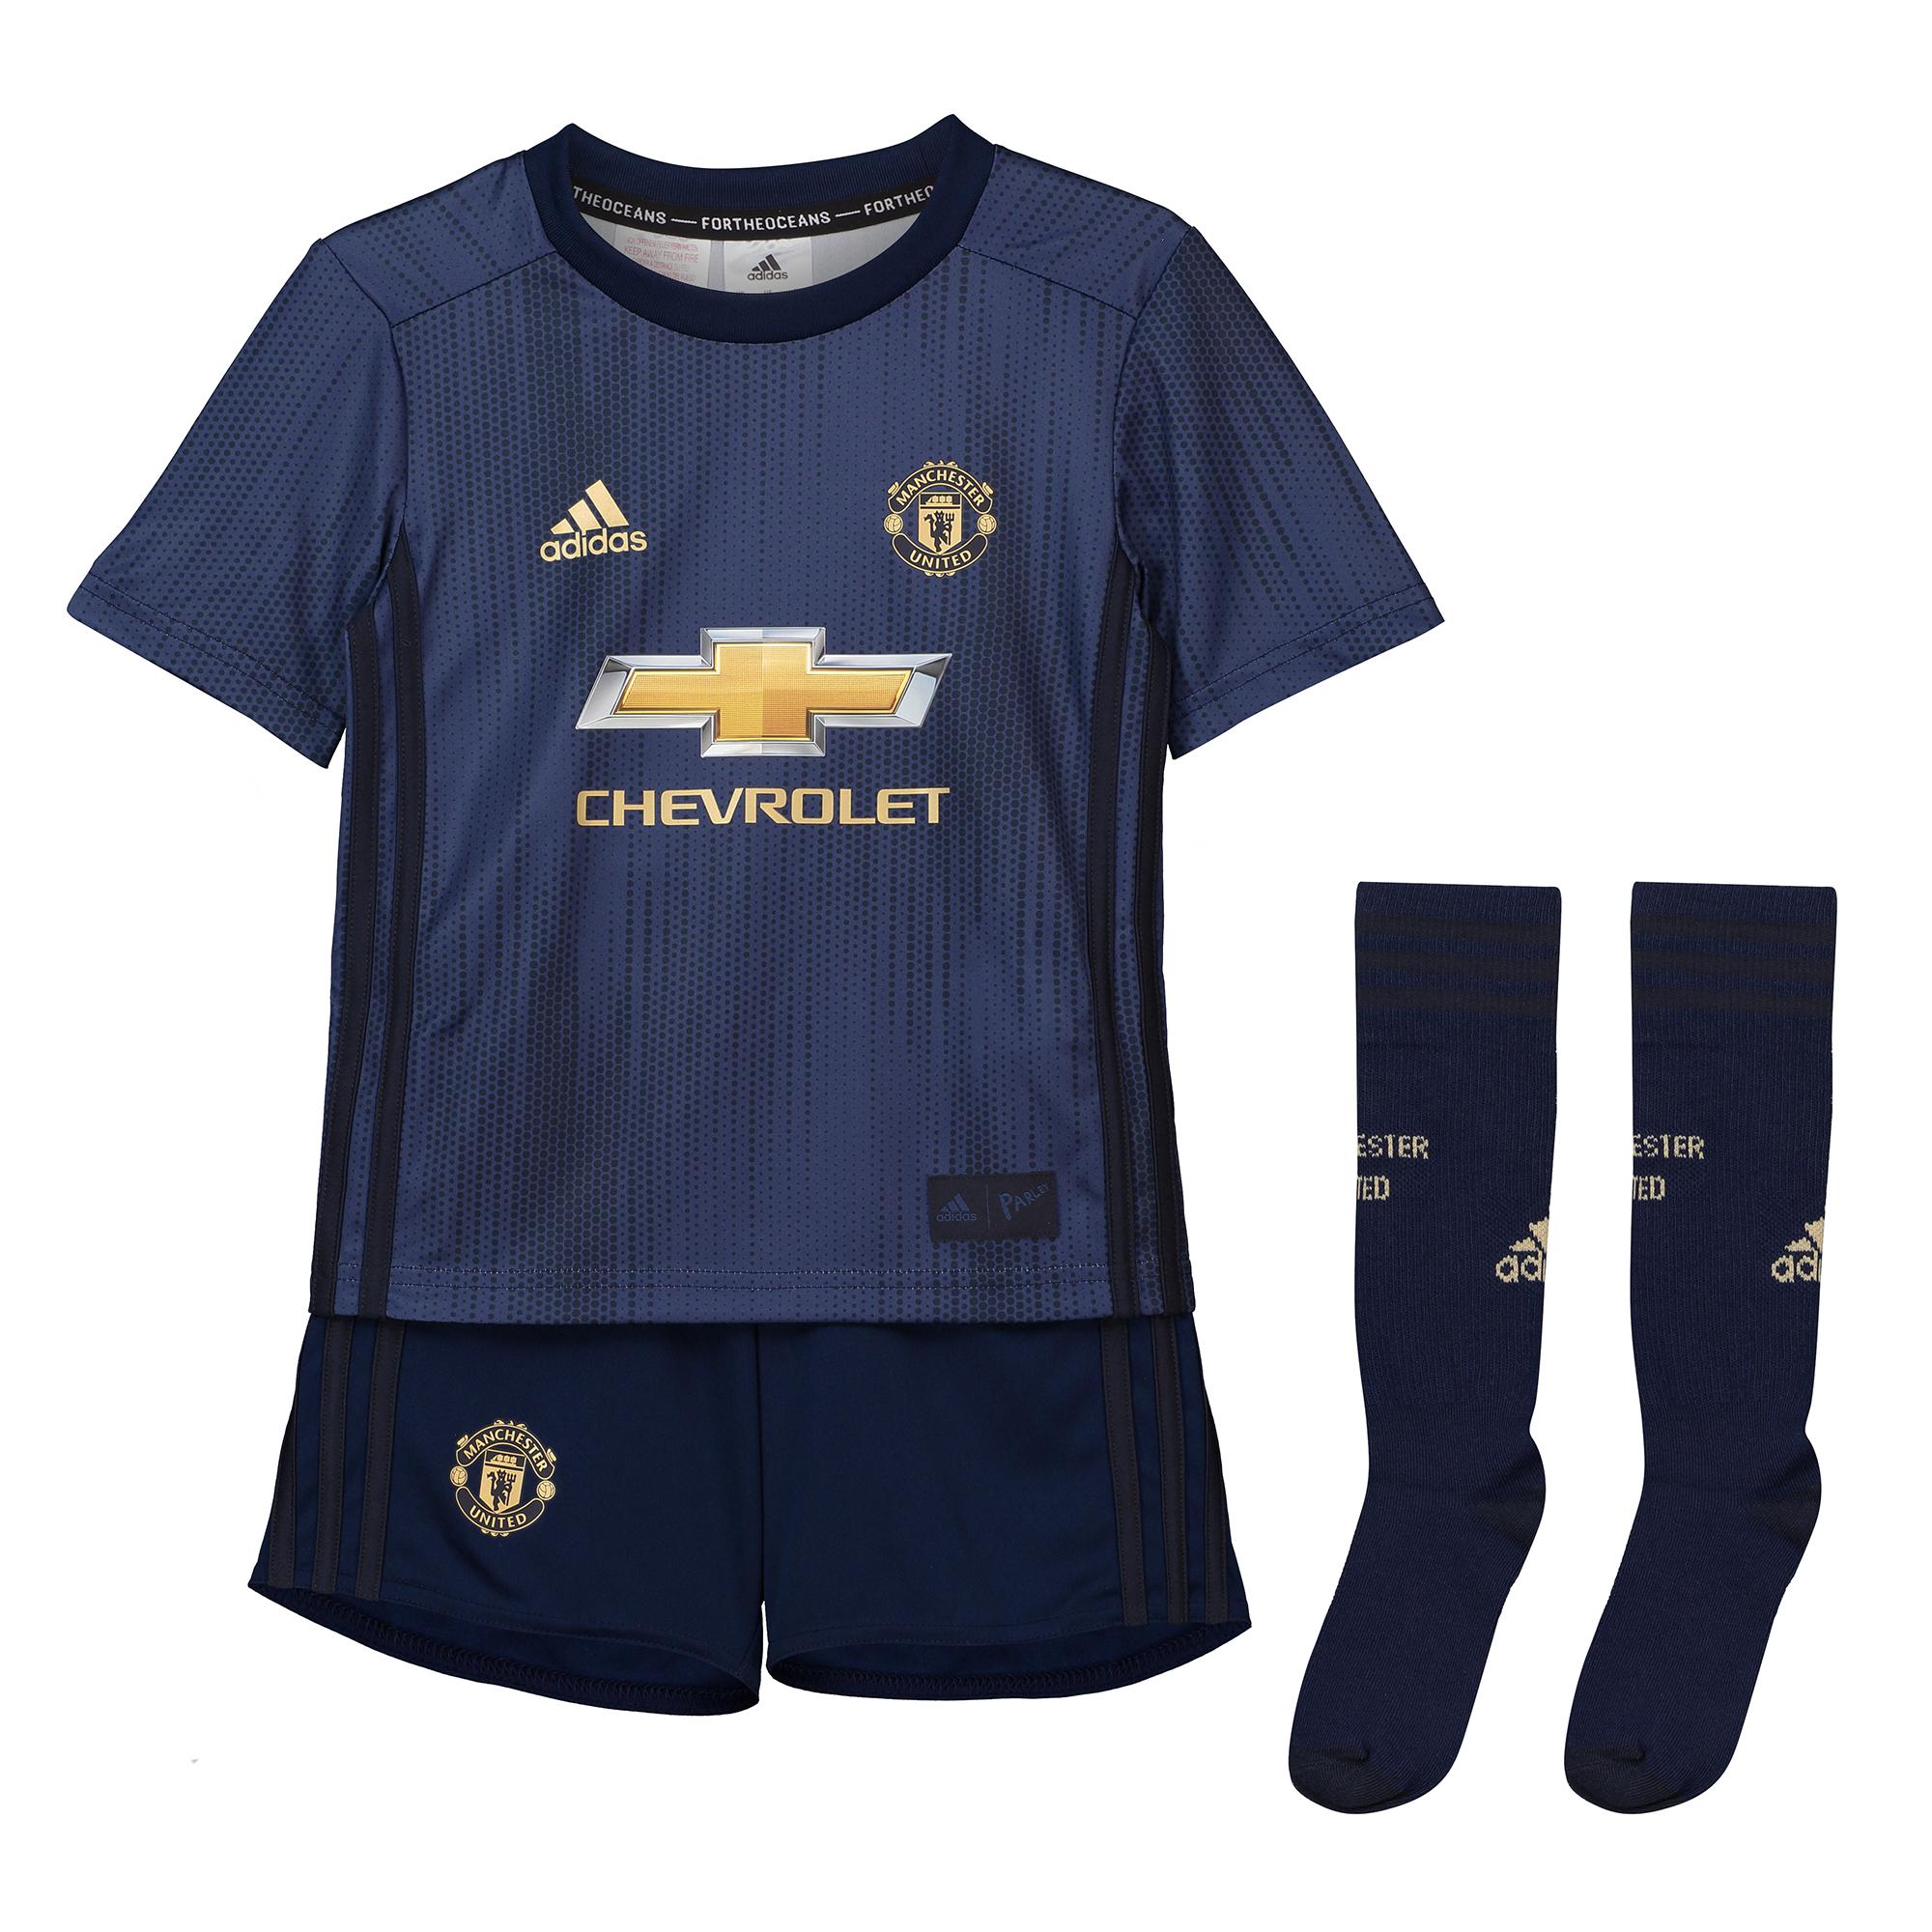 bcf0e43830ce1 Adidas Manchester United set detský (2018-2019), alternatívny + vl. meno a  číslo